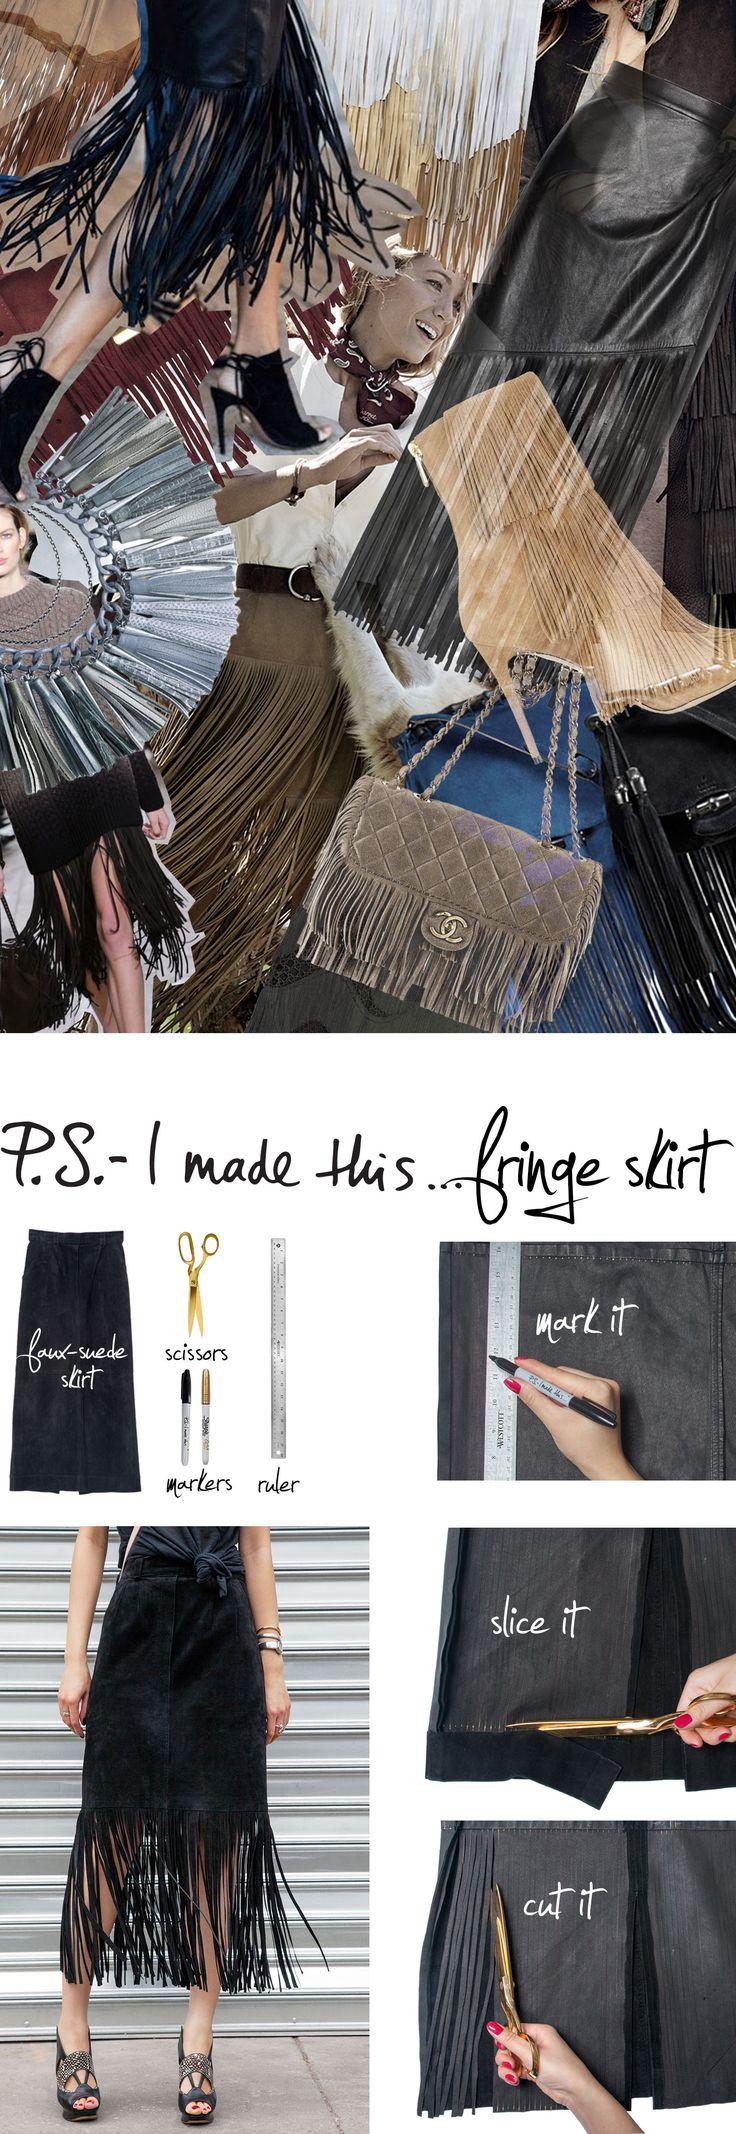 P.S.- I made this...Fringe Skirt #PSIMADETHIS #DIY